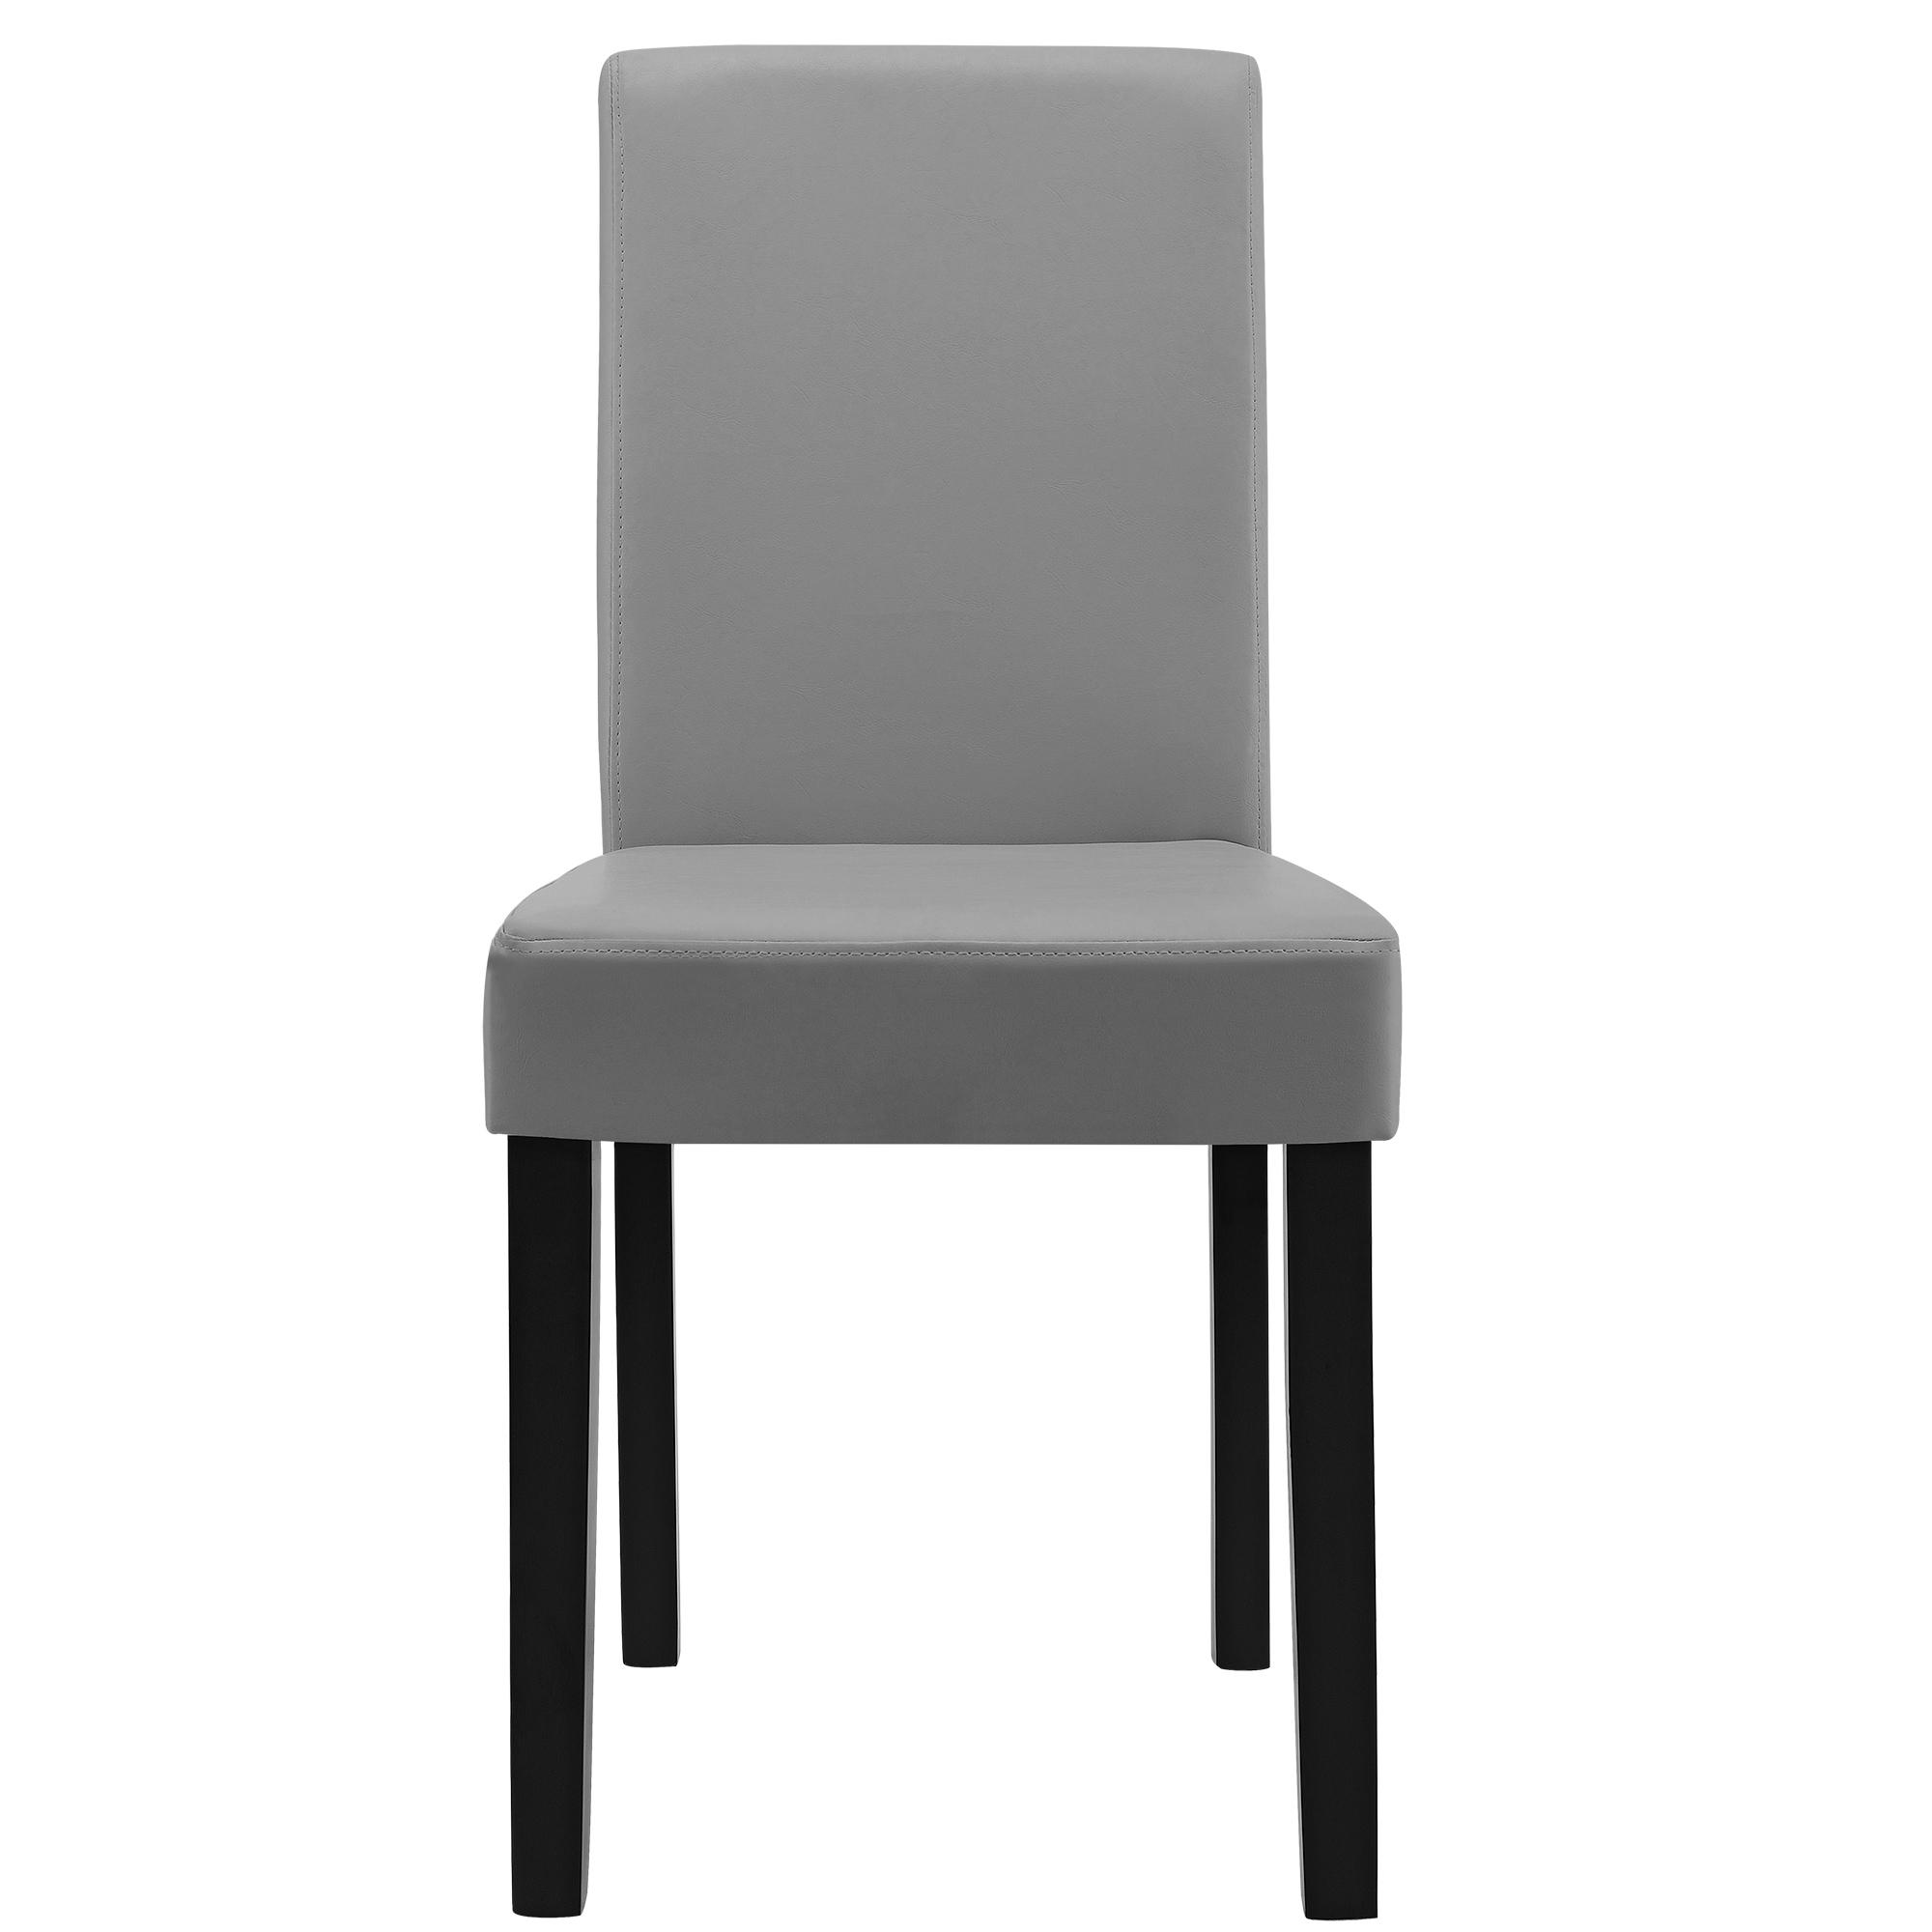 6x chaises dossier haut salle manger gris clair - Chaise haut dossier salle a manger ...